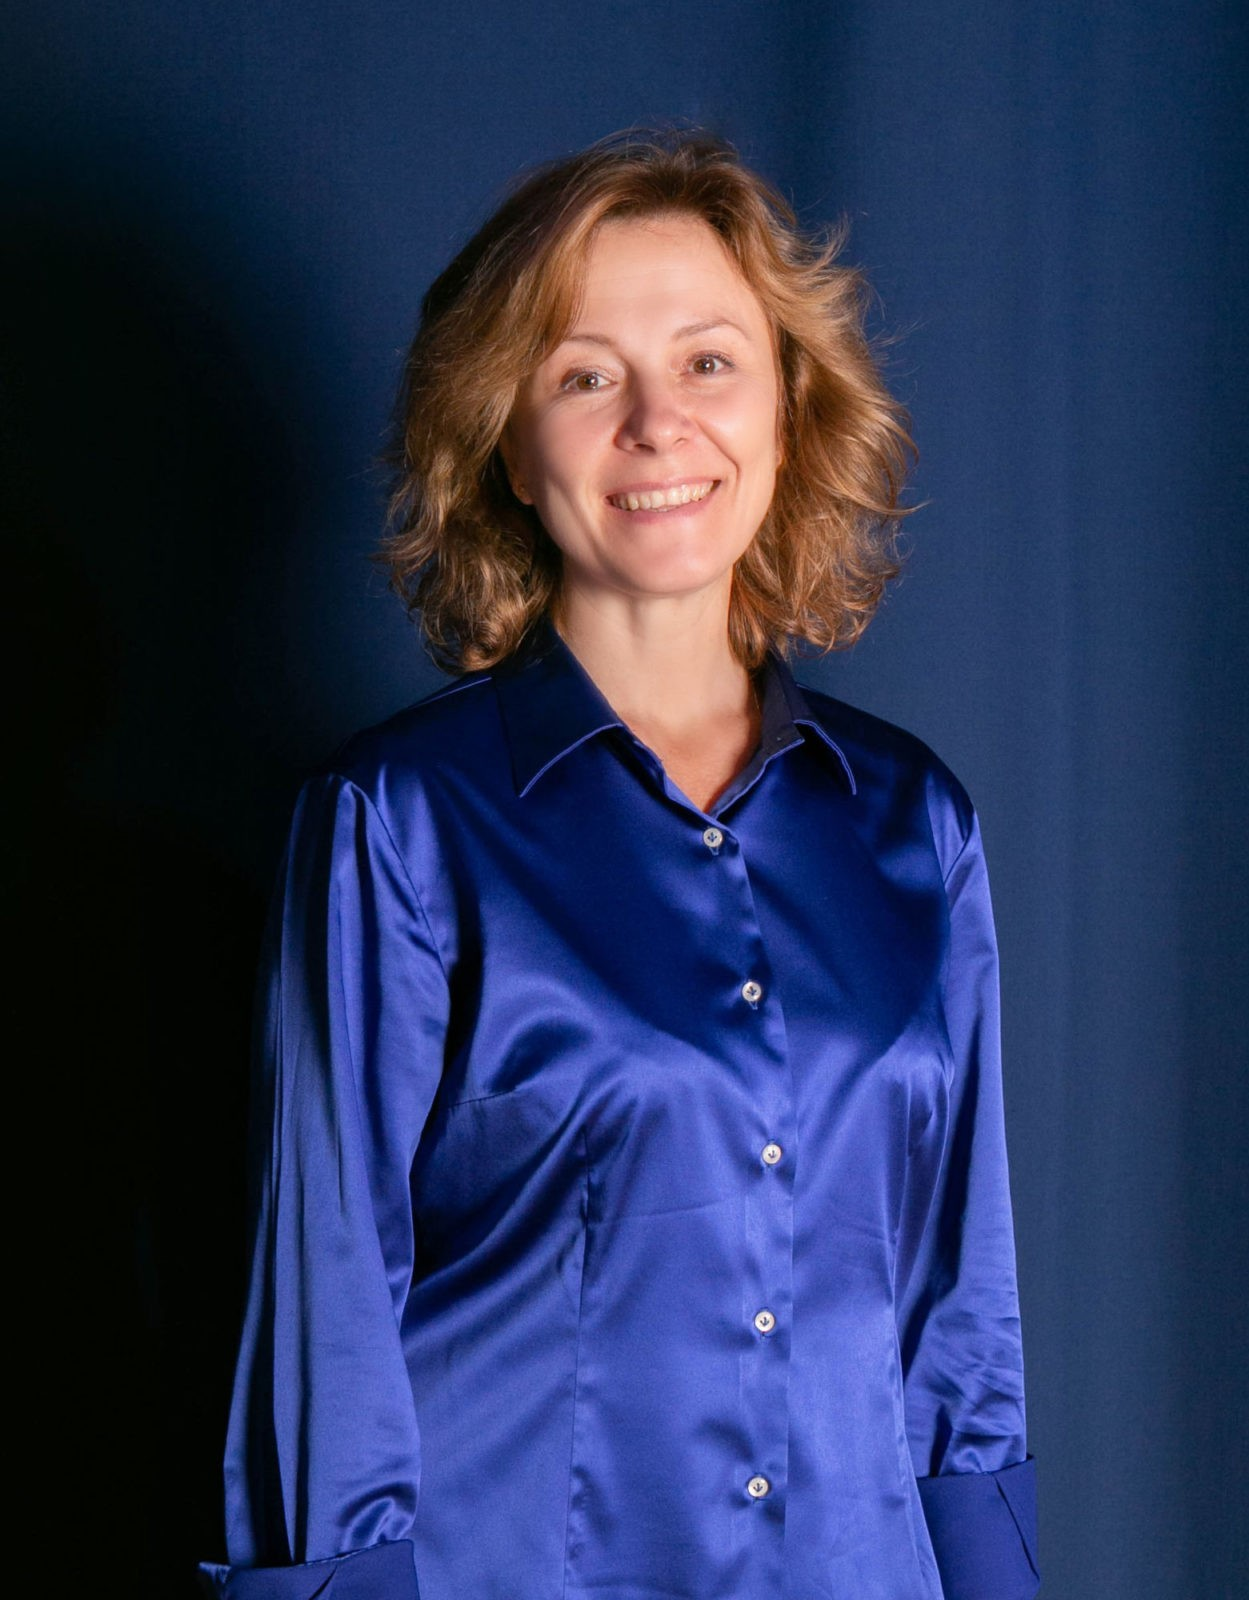 Требунцева Мария Владимировна